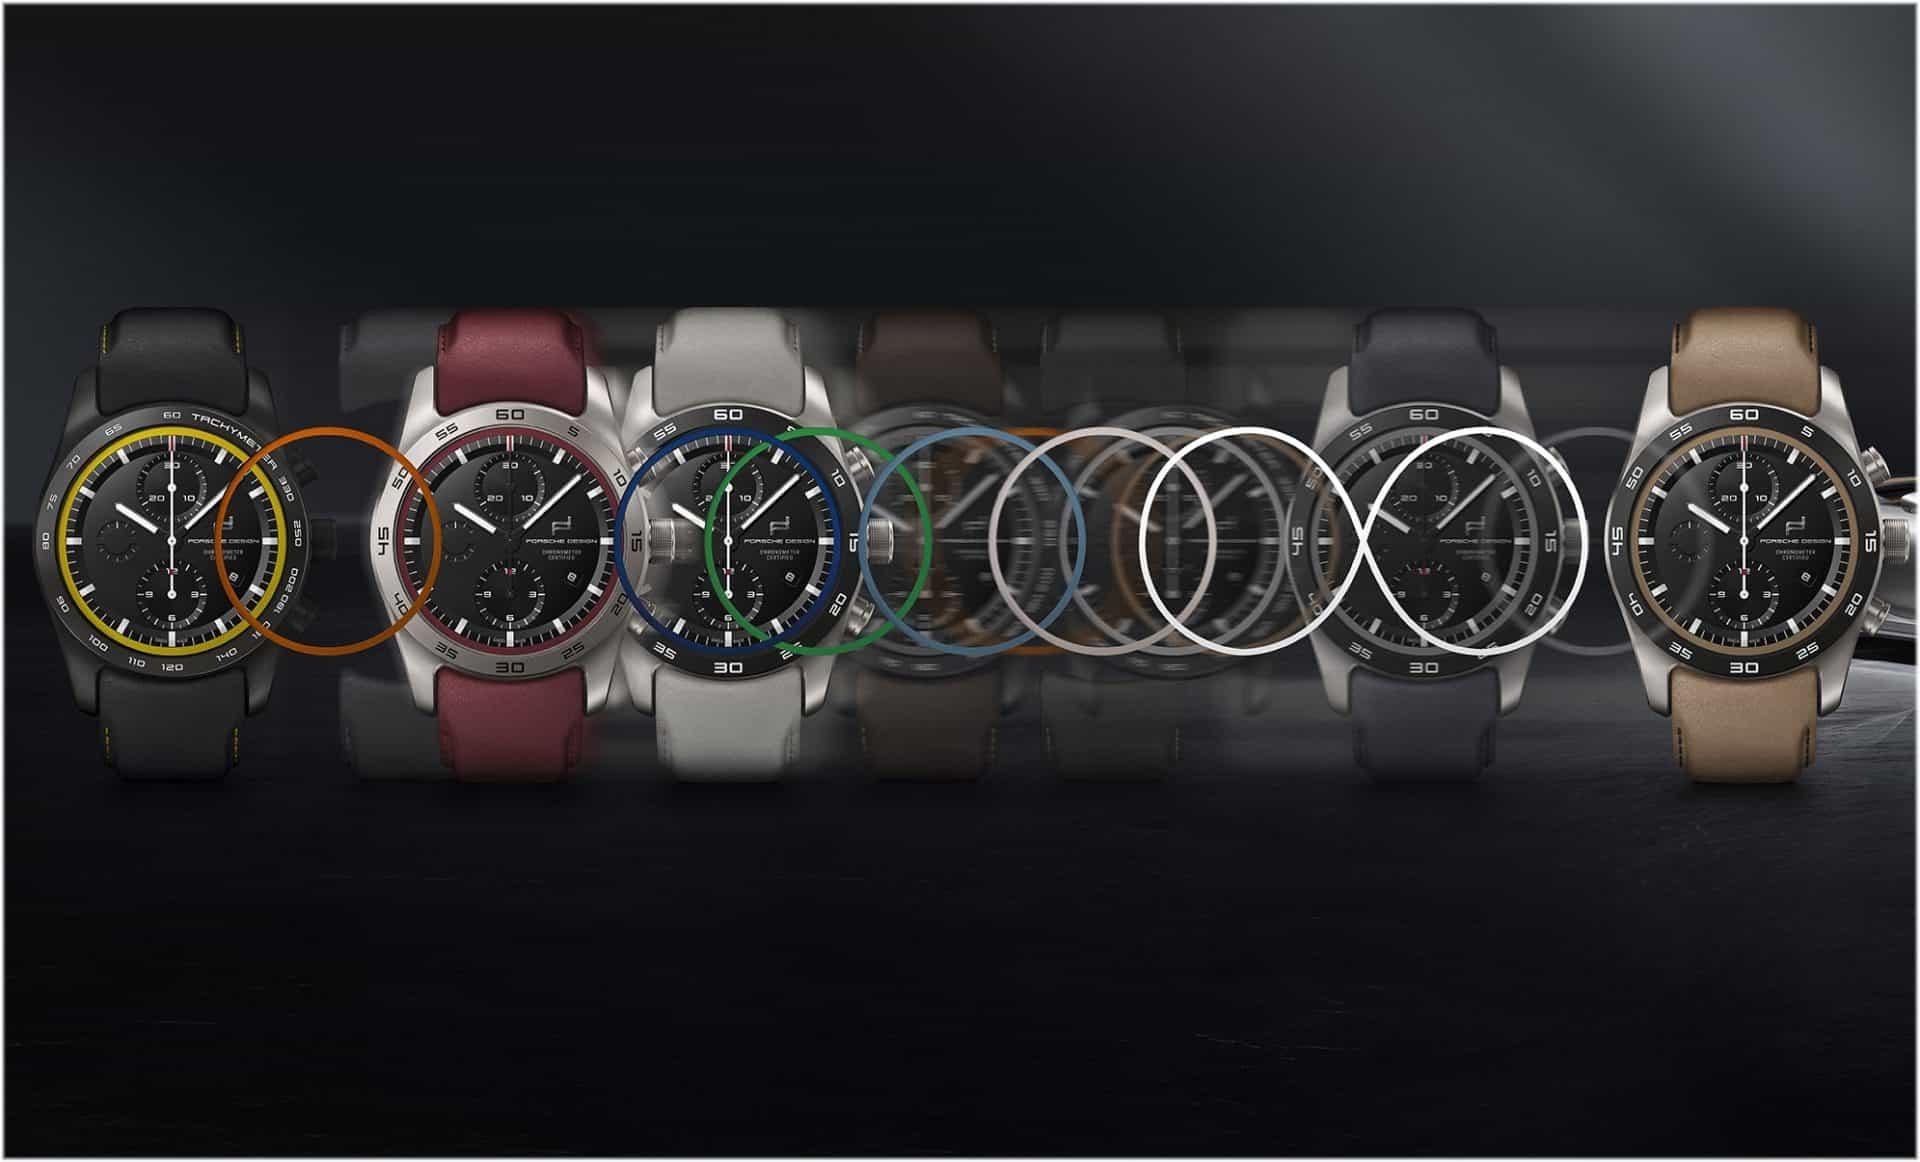 Der Im Porsche Design custom-built Timepieces Konfigurator